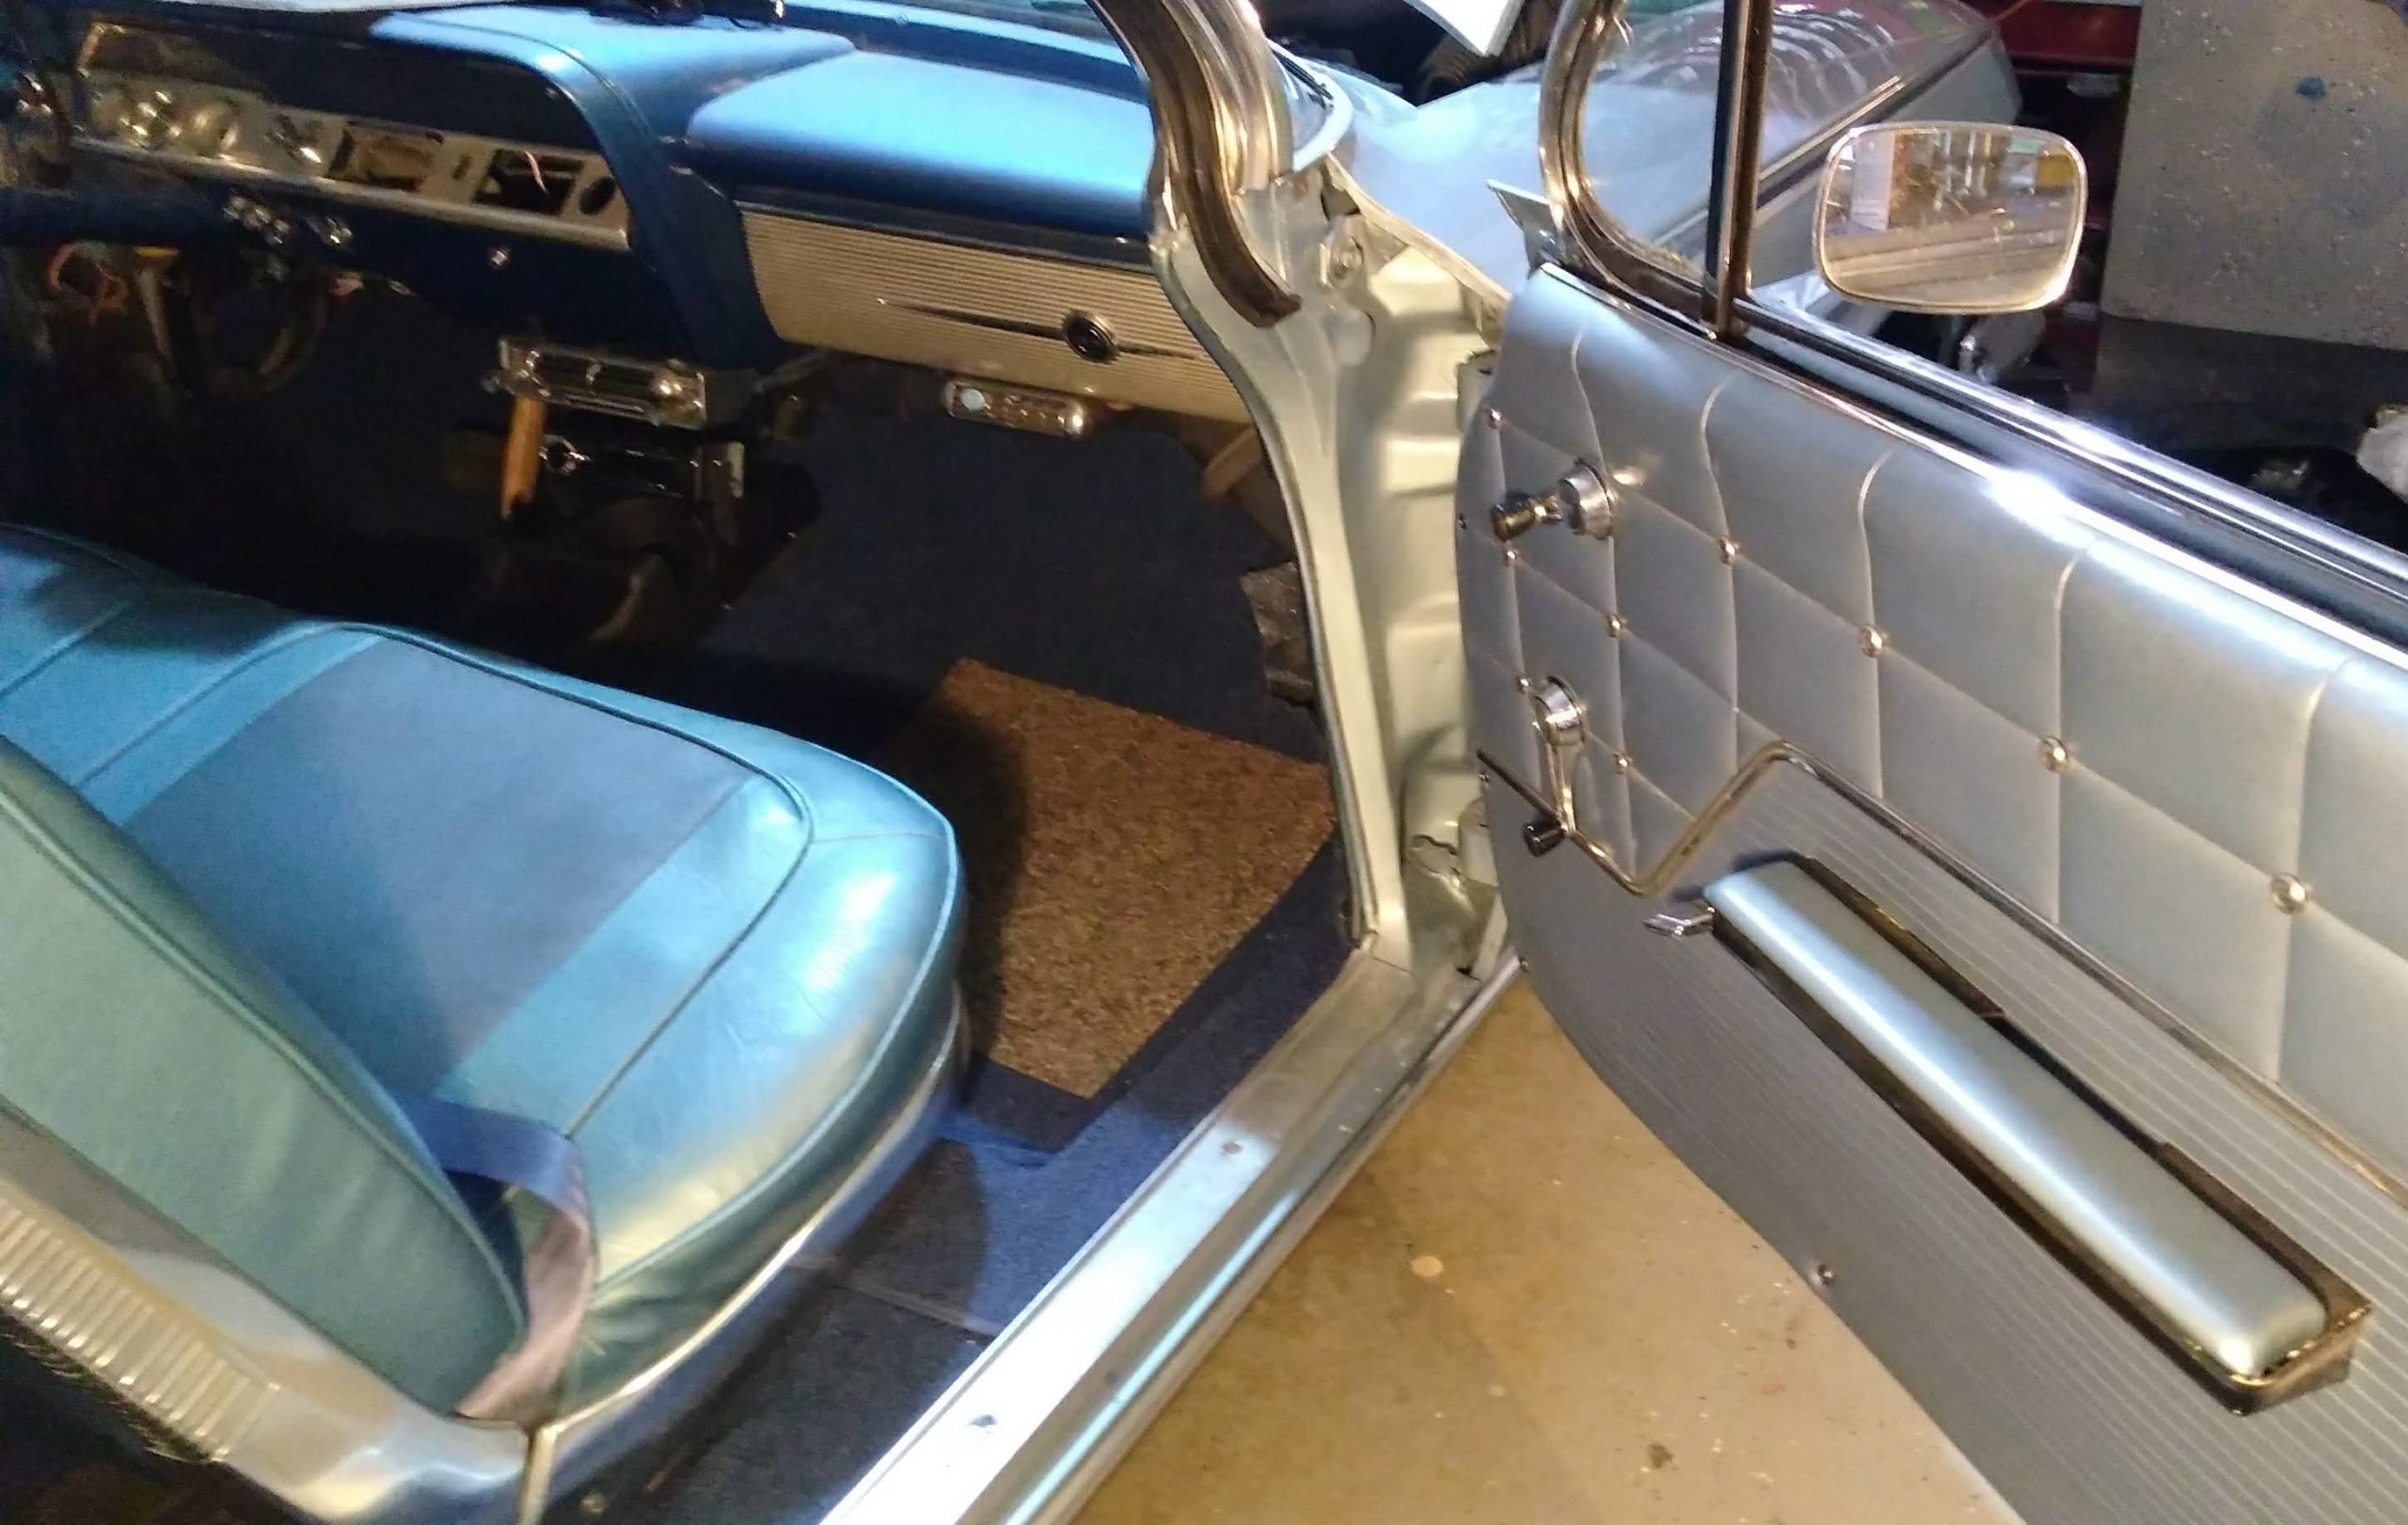 Jason Prince - 1962 Chevrolet Impala - Front interior finished